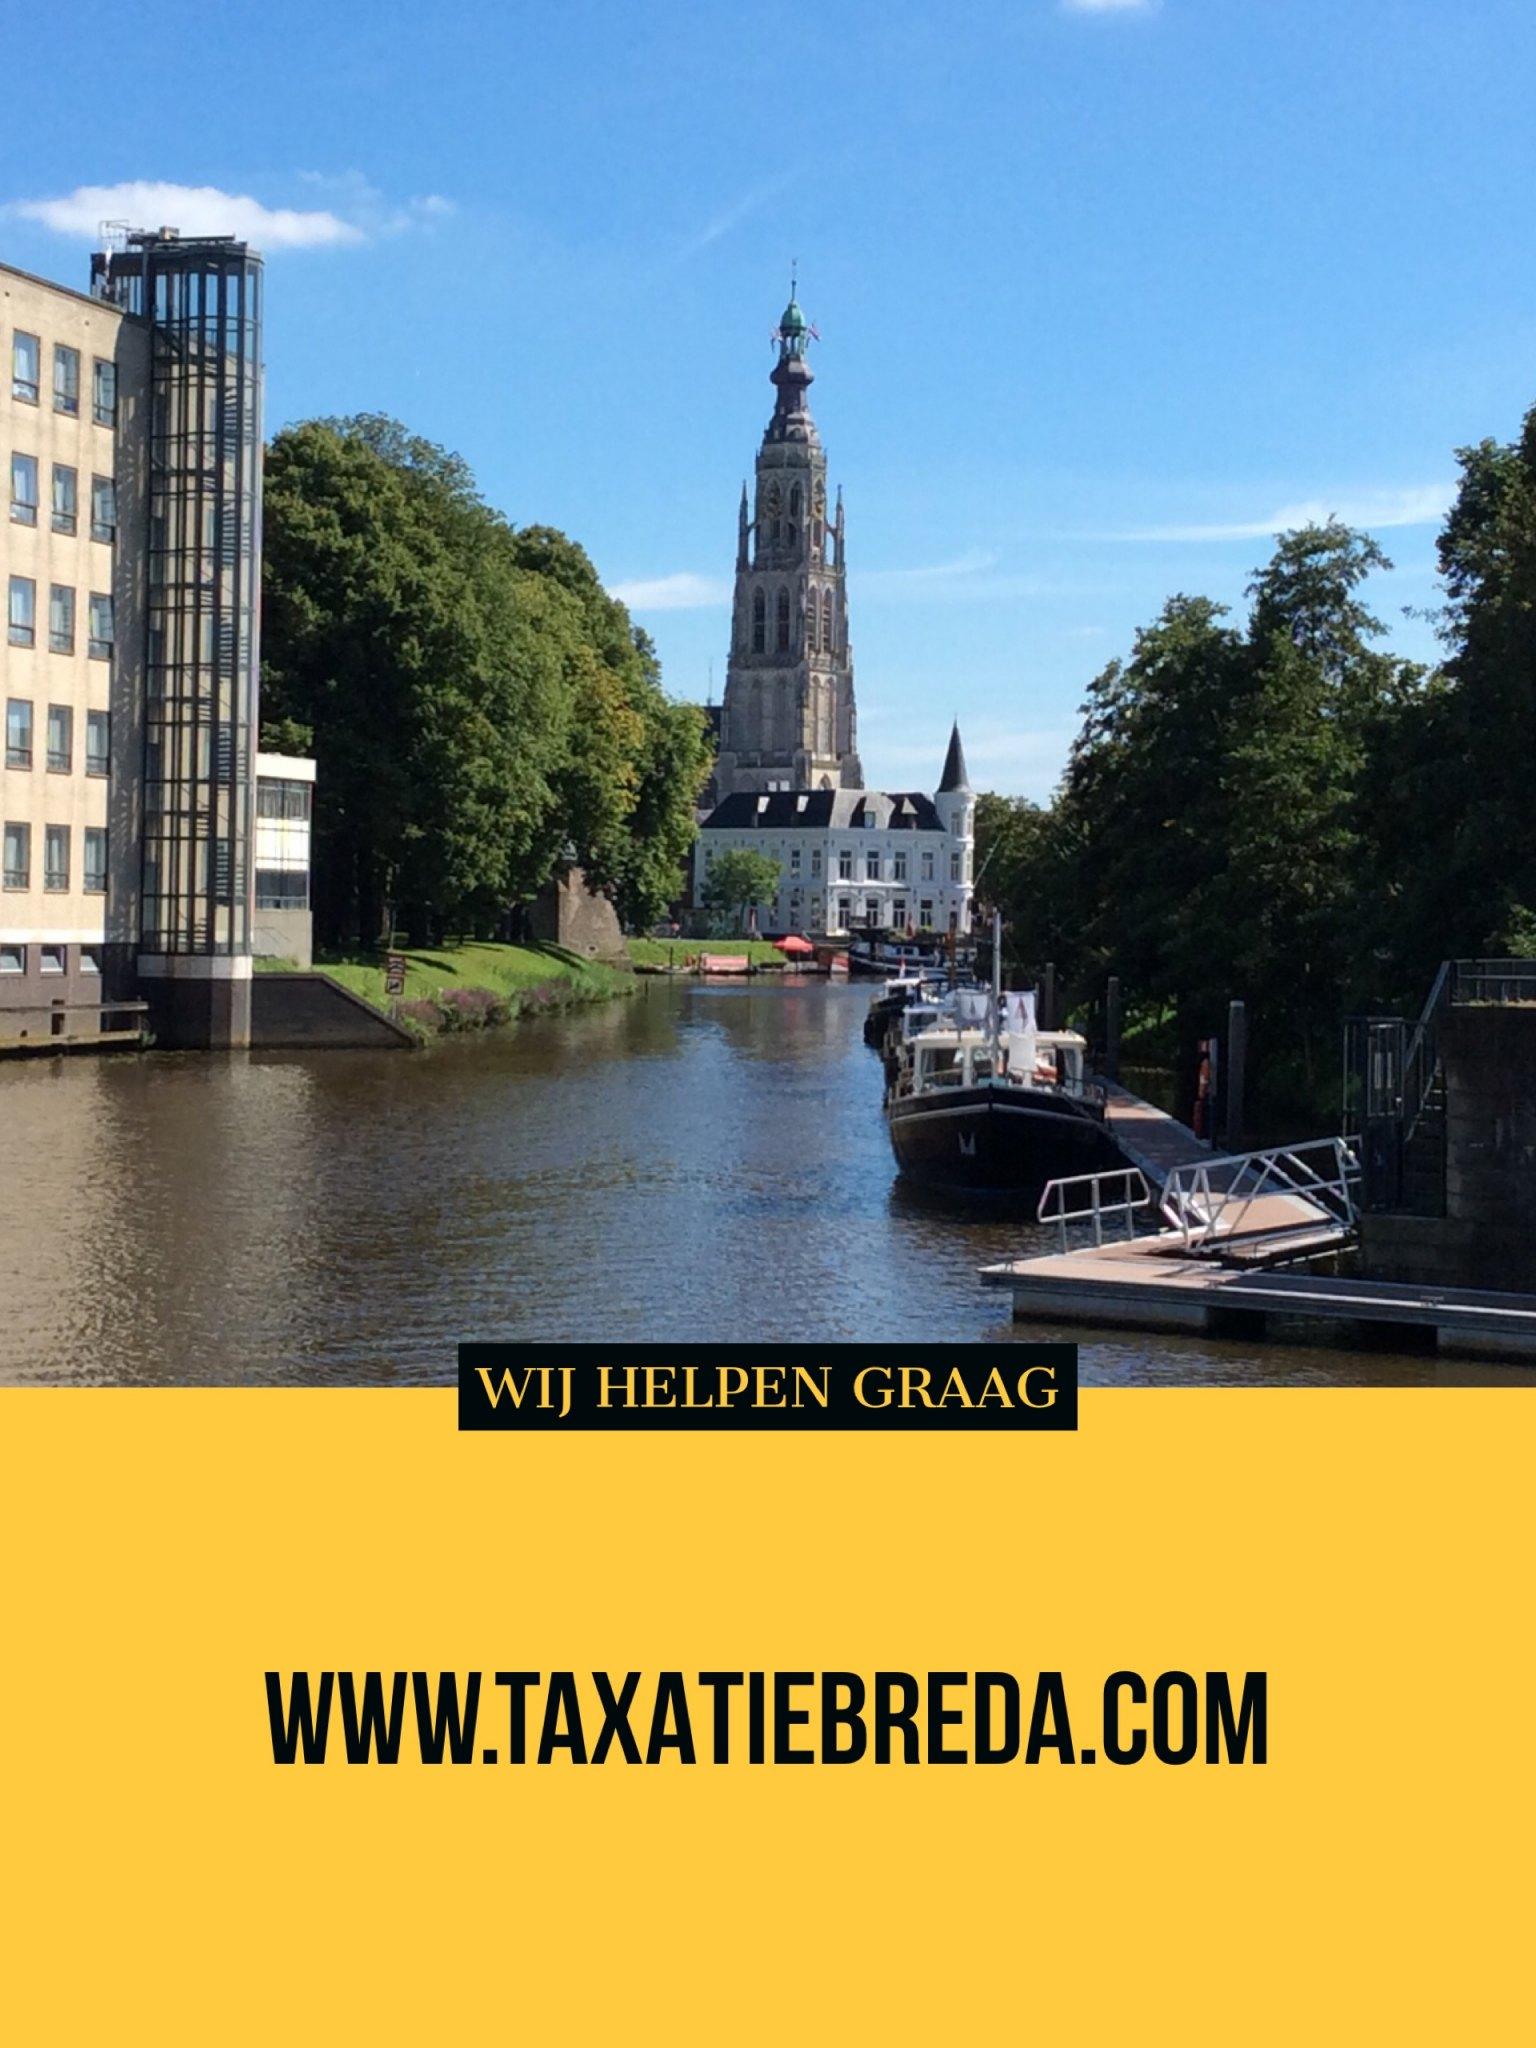 Breda Taxatie Service